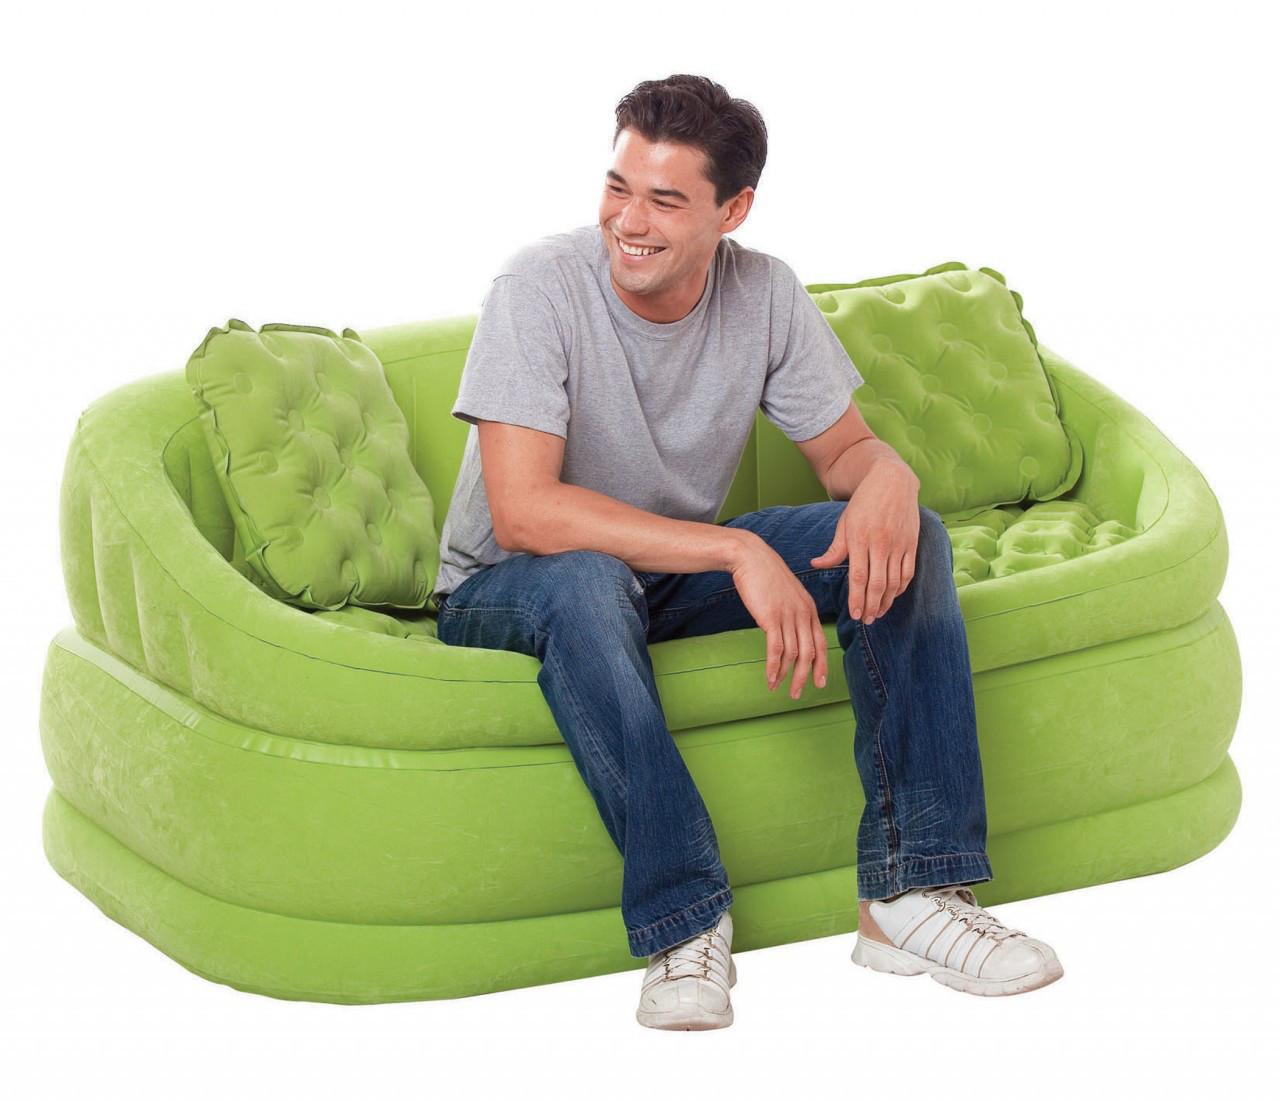 Надувной диван Intex 68573 + 2 подушки 157 х 86 х 69 см Зеленый (int68573_2)